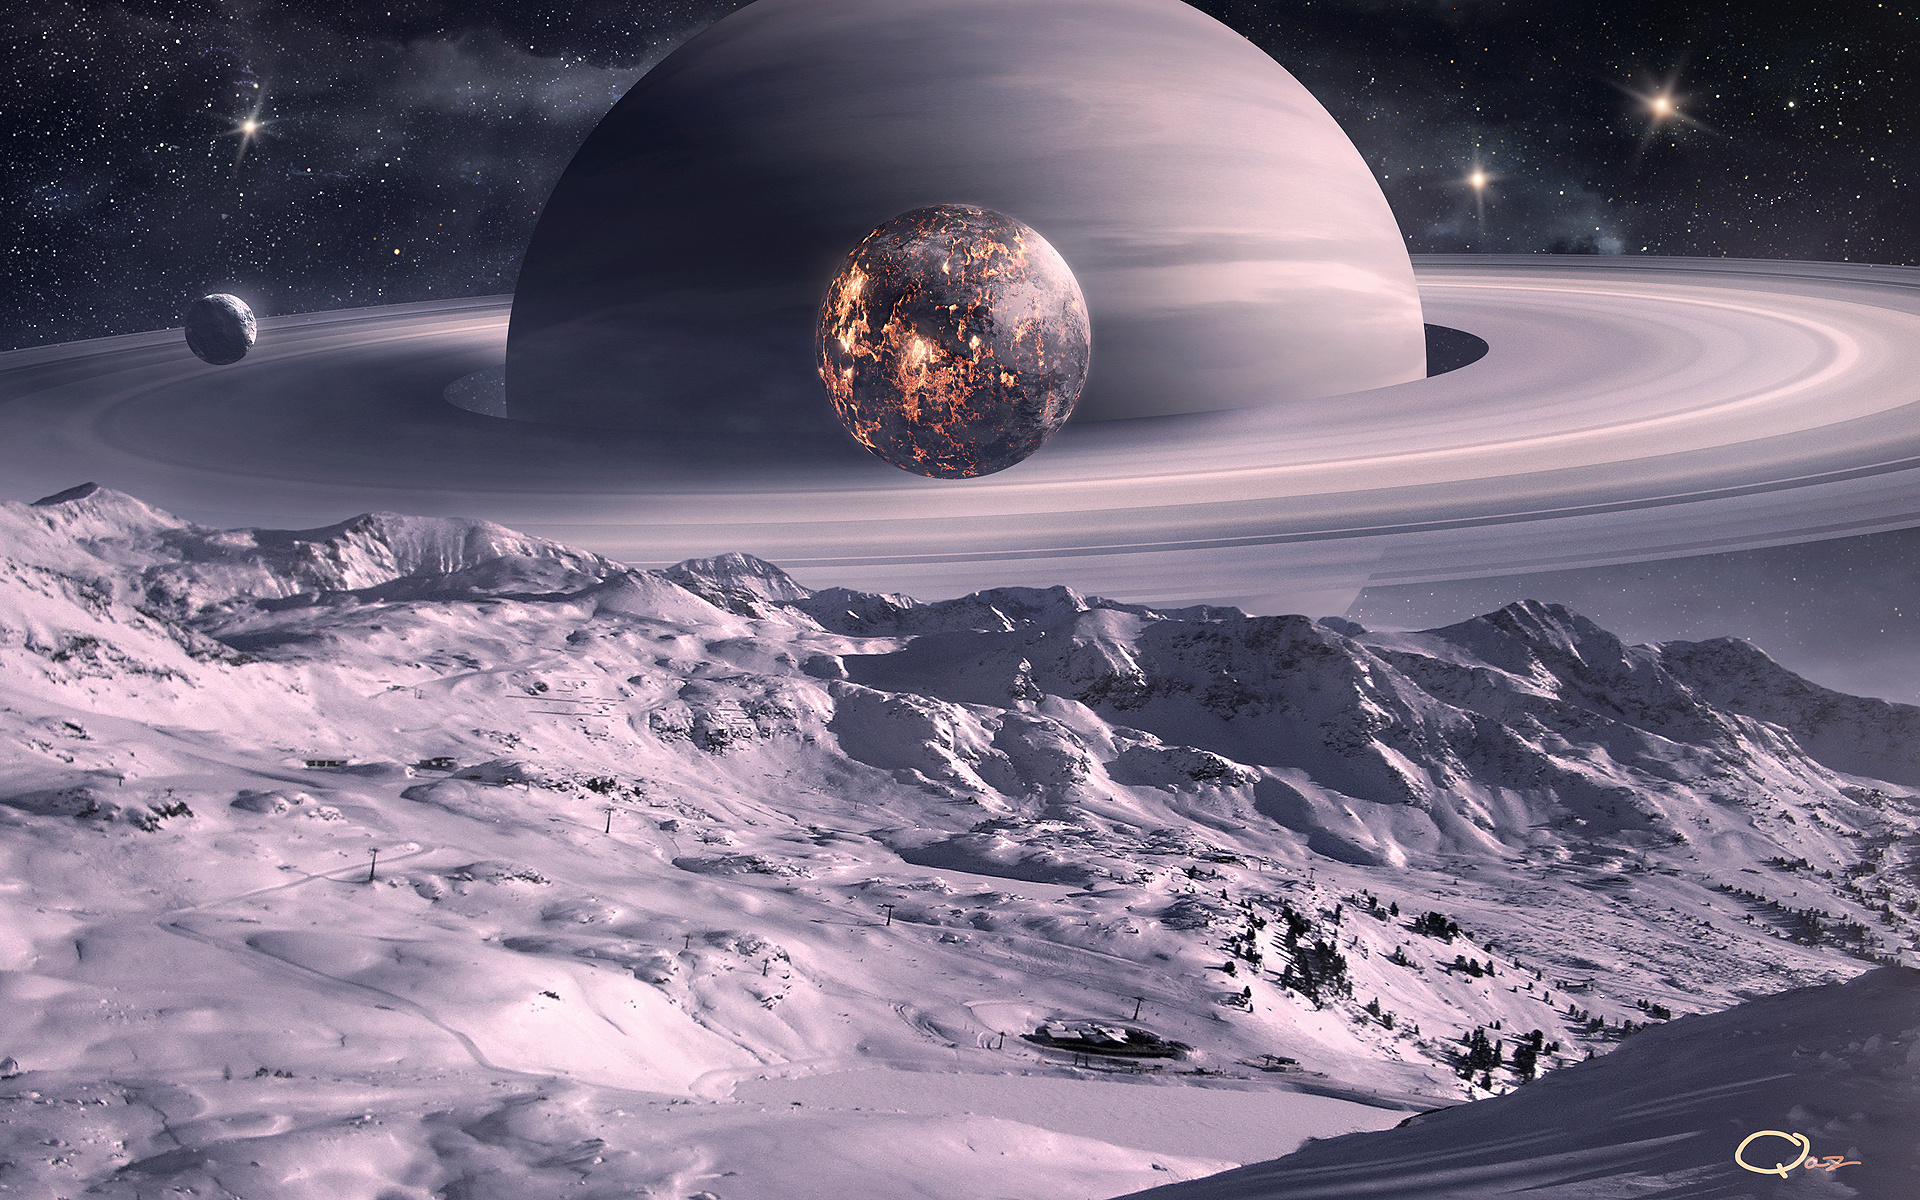 Обои Планета звезда спутник картинки на рабочий стол на тему Космос - скачать скачать